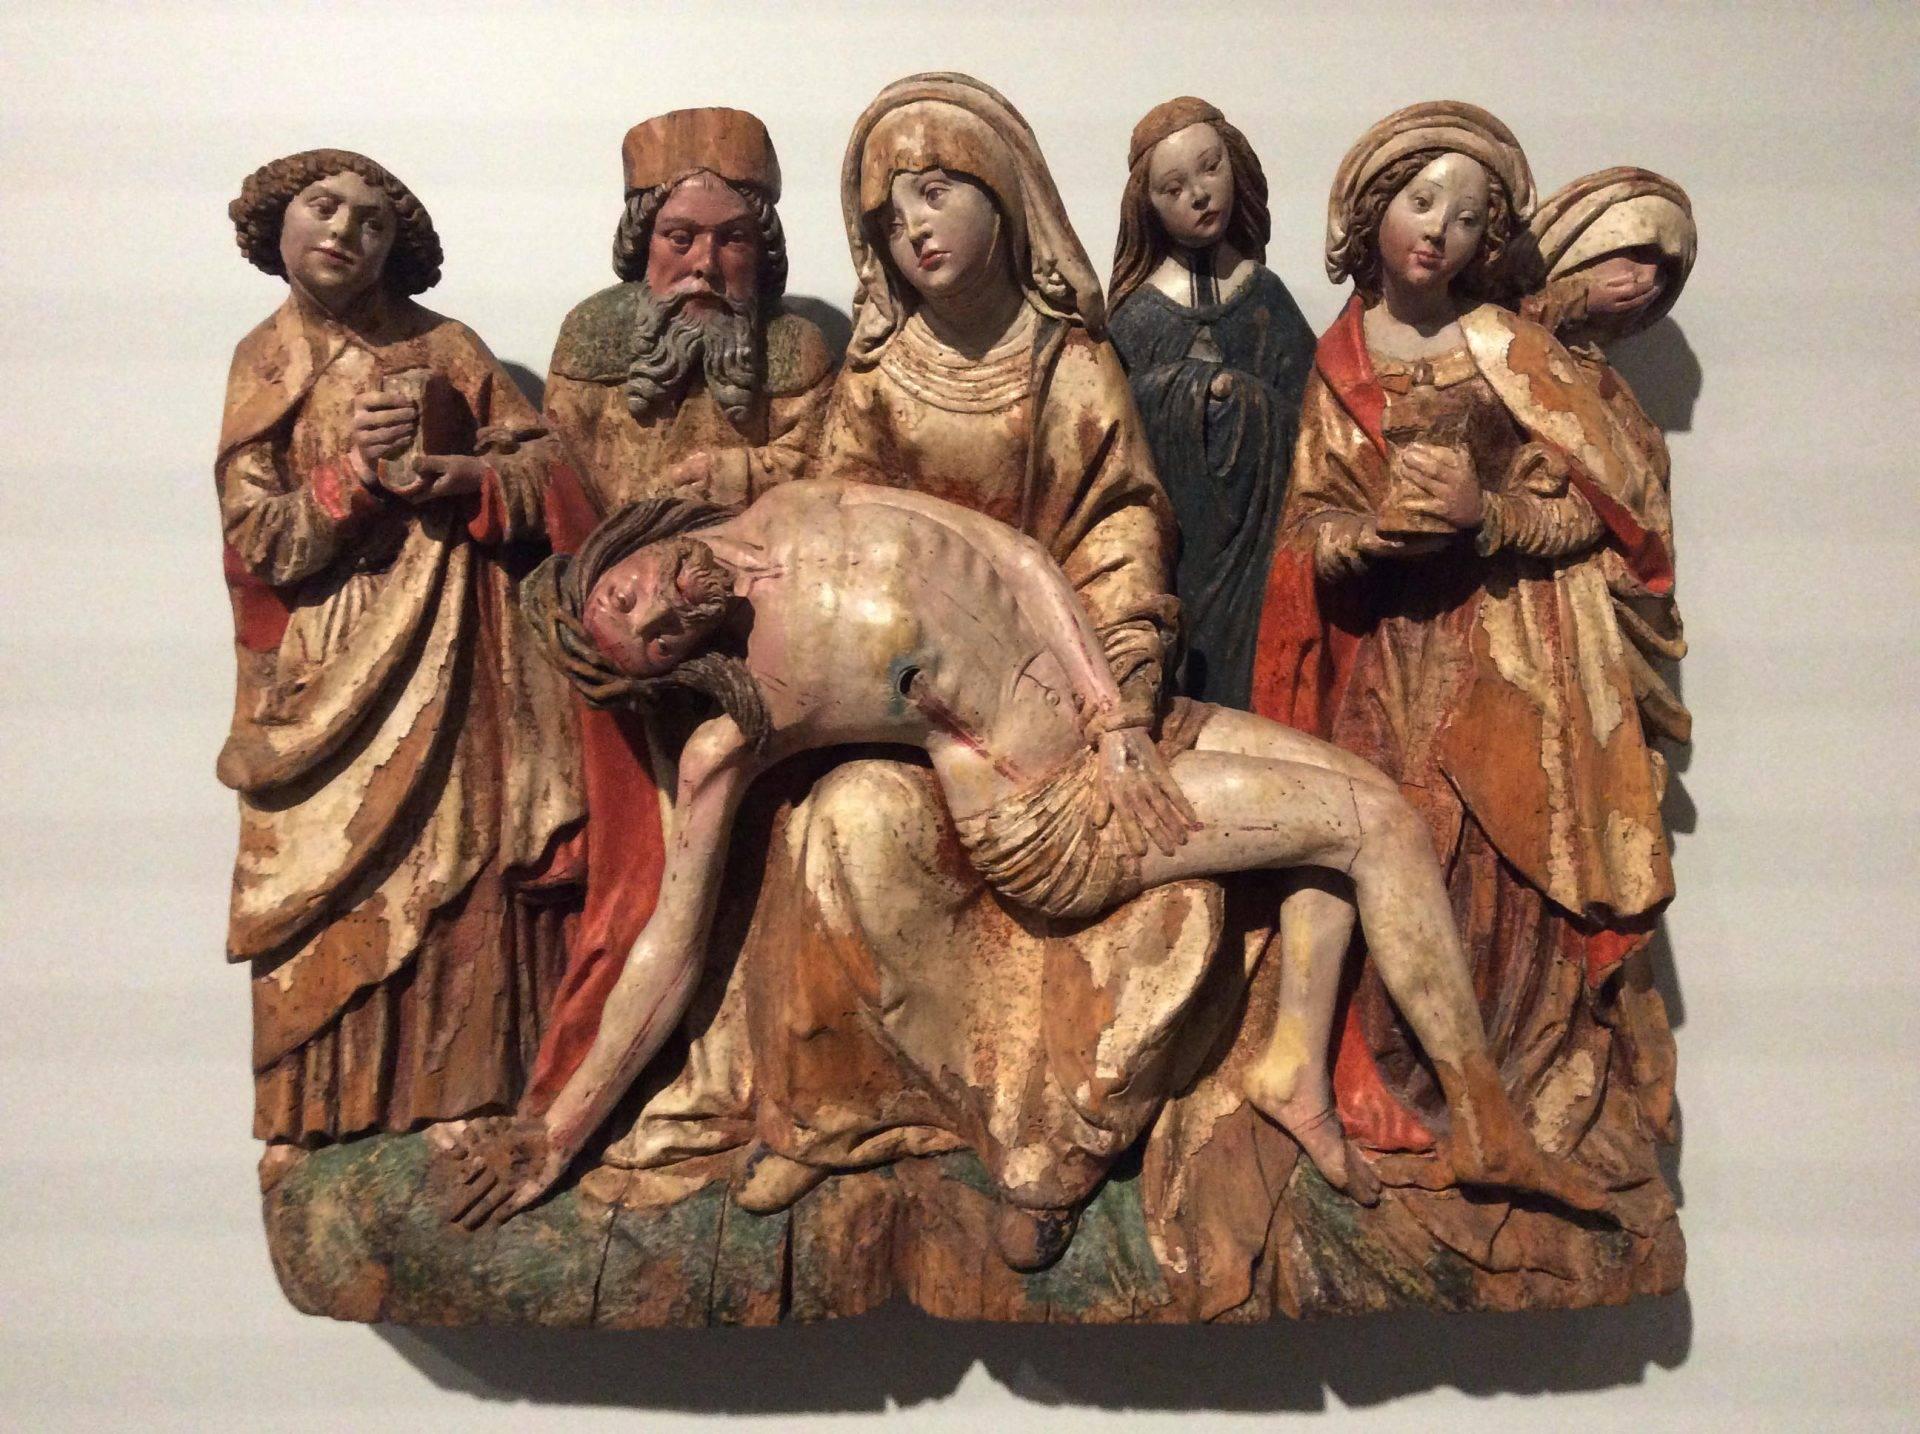 Деревянная скульптура в музее собора святого Стефана. Фото Юлии Абрамовой, 2018